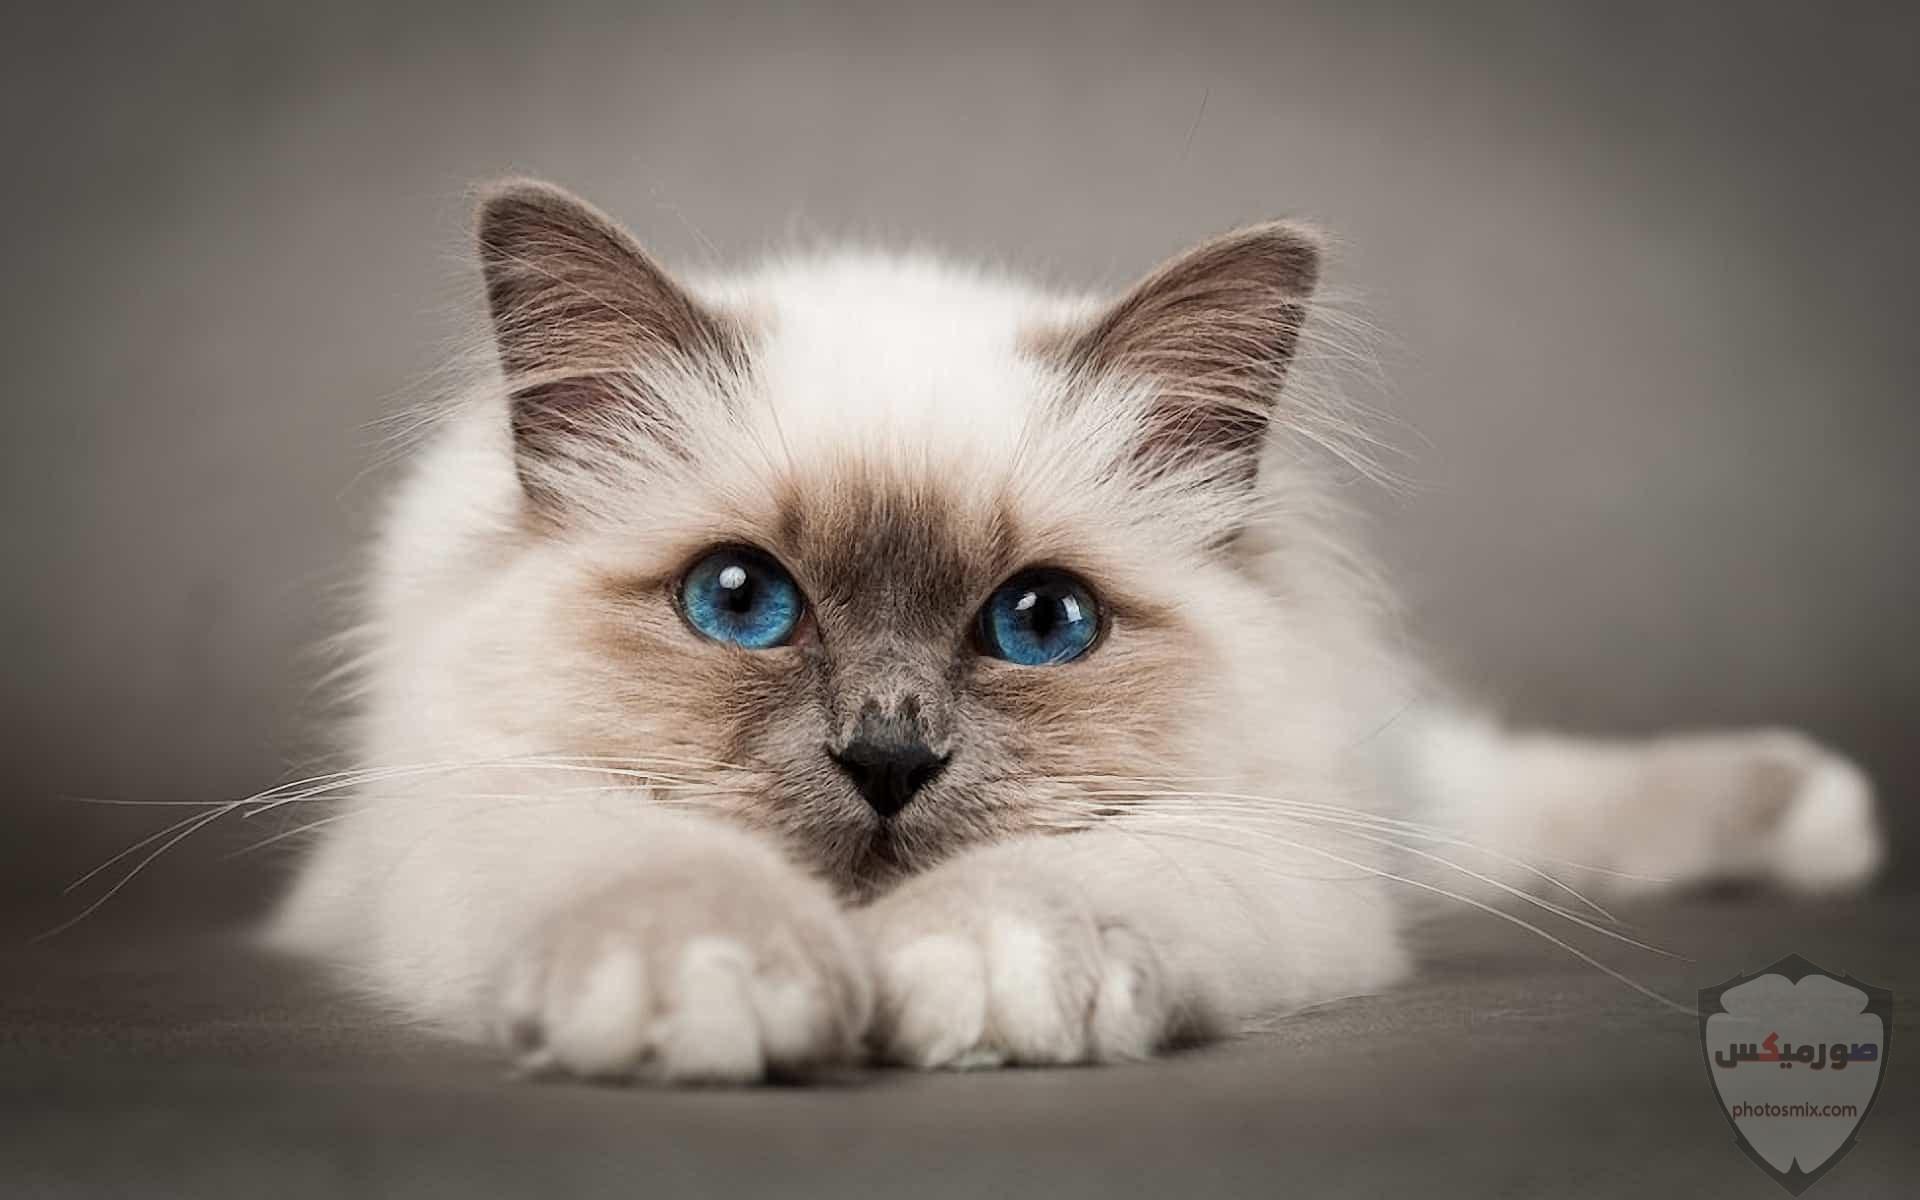 صور خلفيات رمزيات قطط كيوت صورة قطة كيوت جدا 7